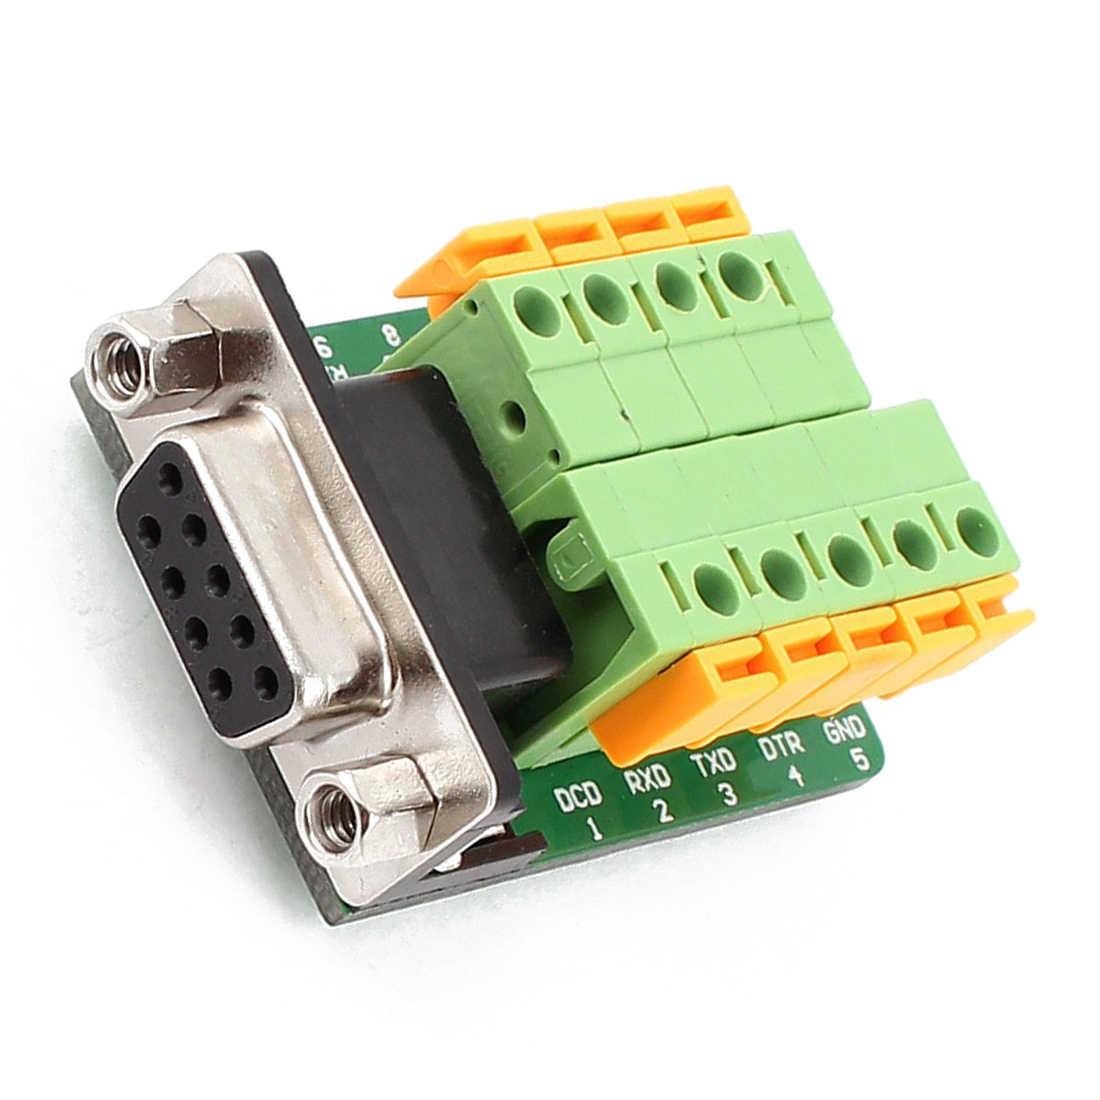 DB9 RS232 シリアルメスアダプタプレートに 9 ポジション端子コネクタ黒 + 緑 + 黄